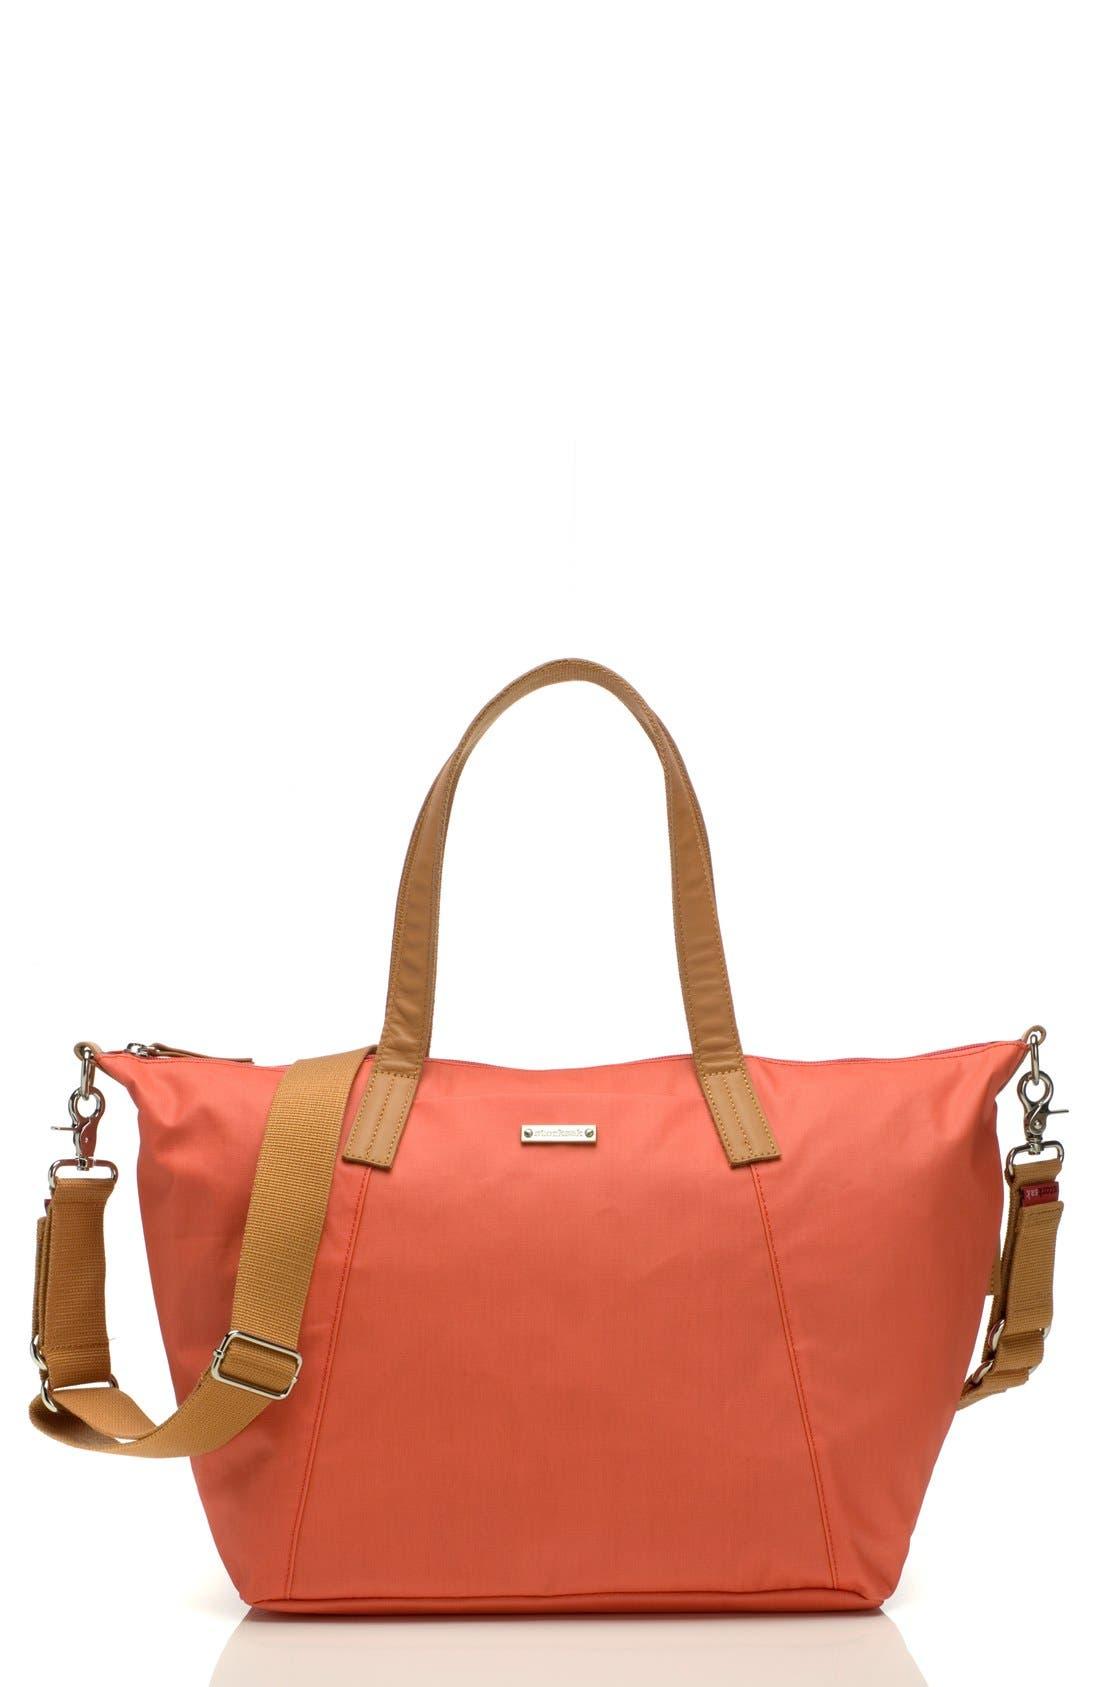 Storksak 'Noa' Diaper Bag